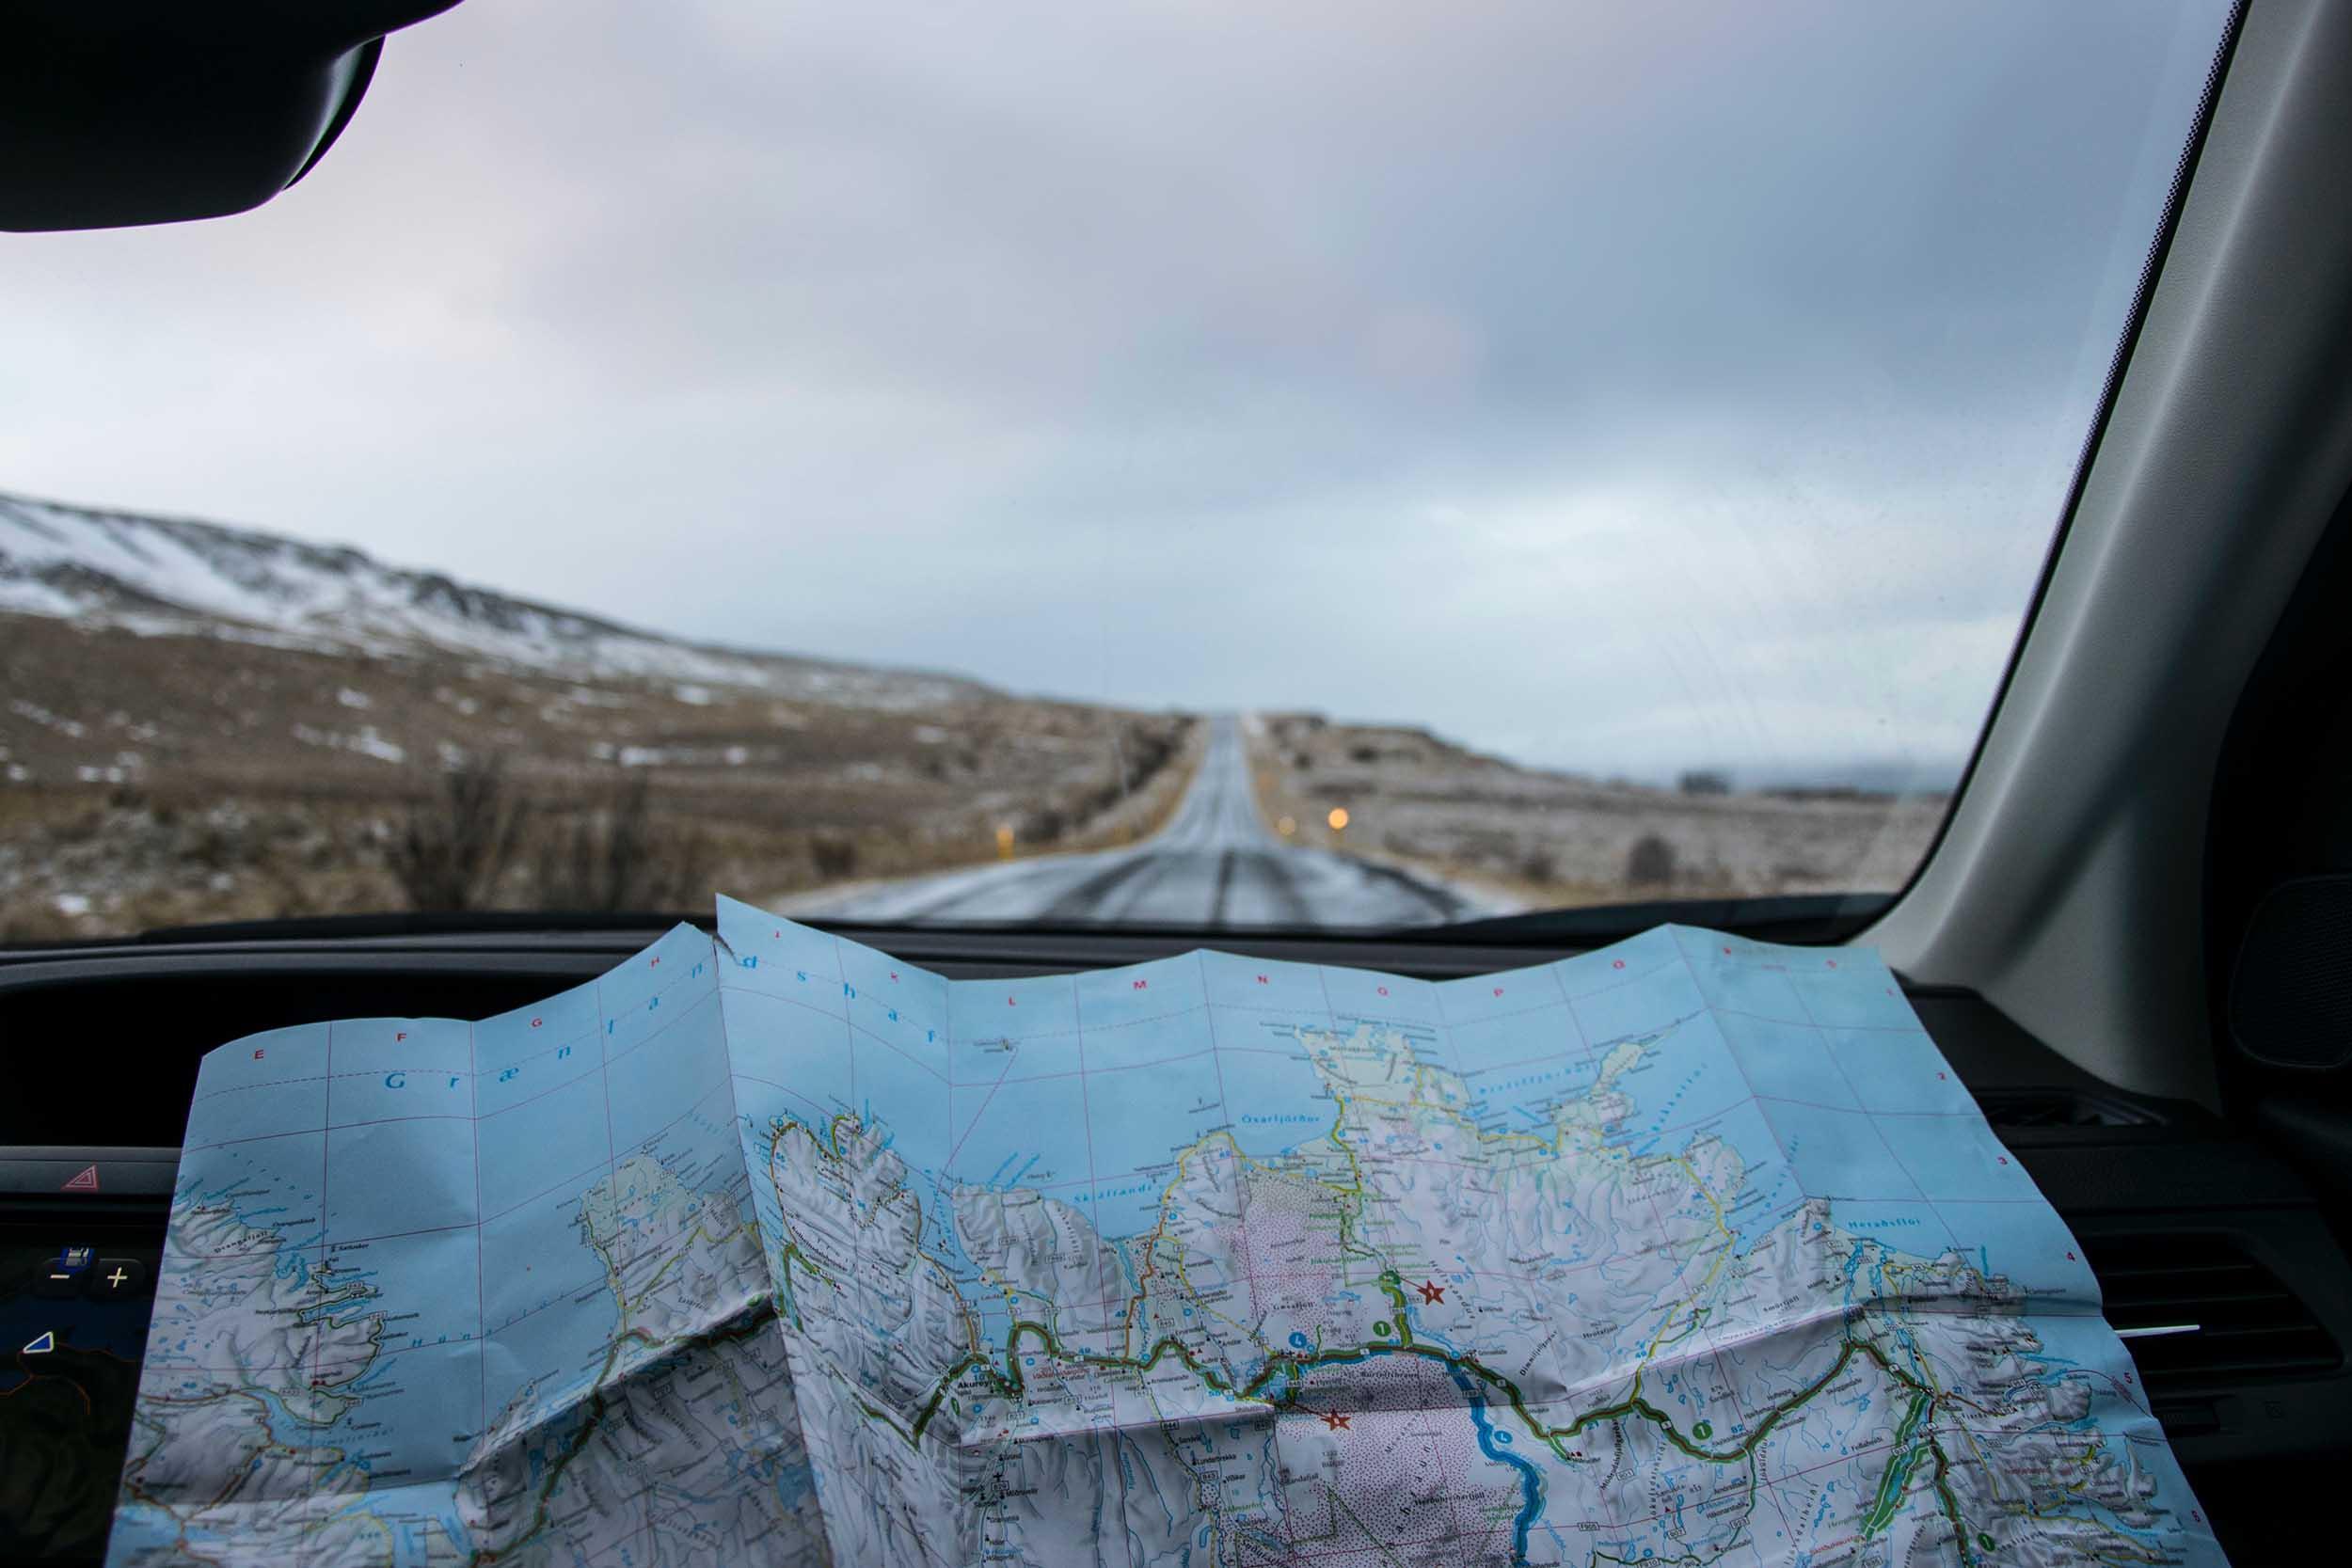 User Story Mapping. Ein Blick auf die Landkarte direkt aus dem Auto heraus.